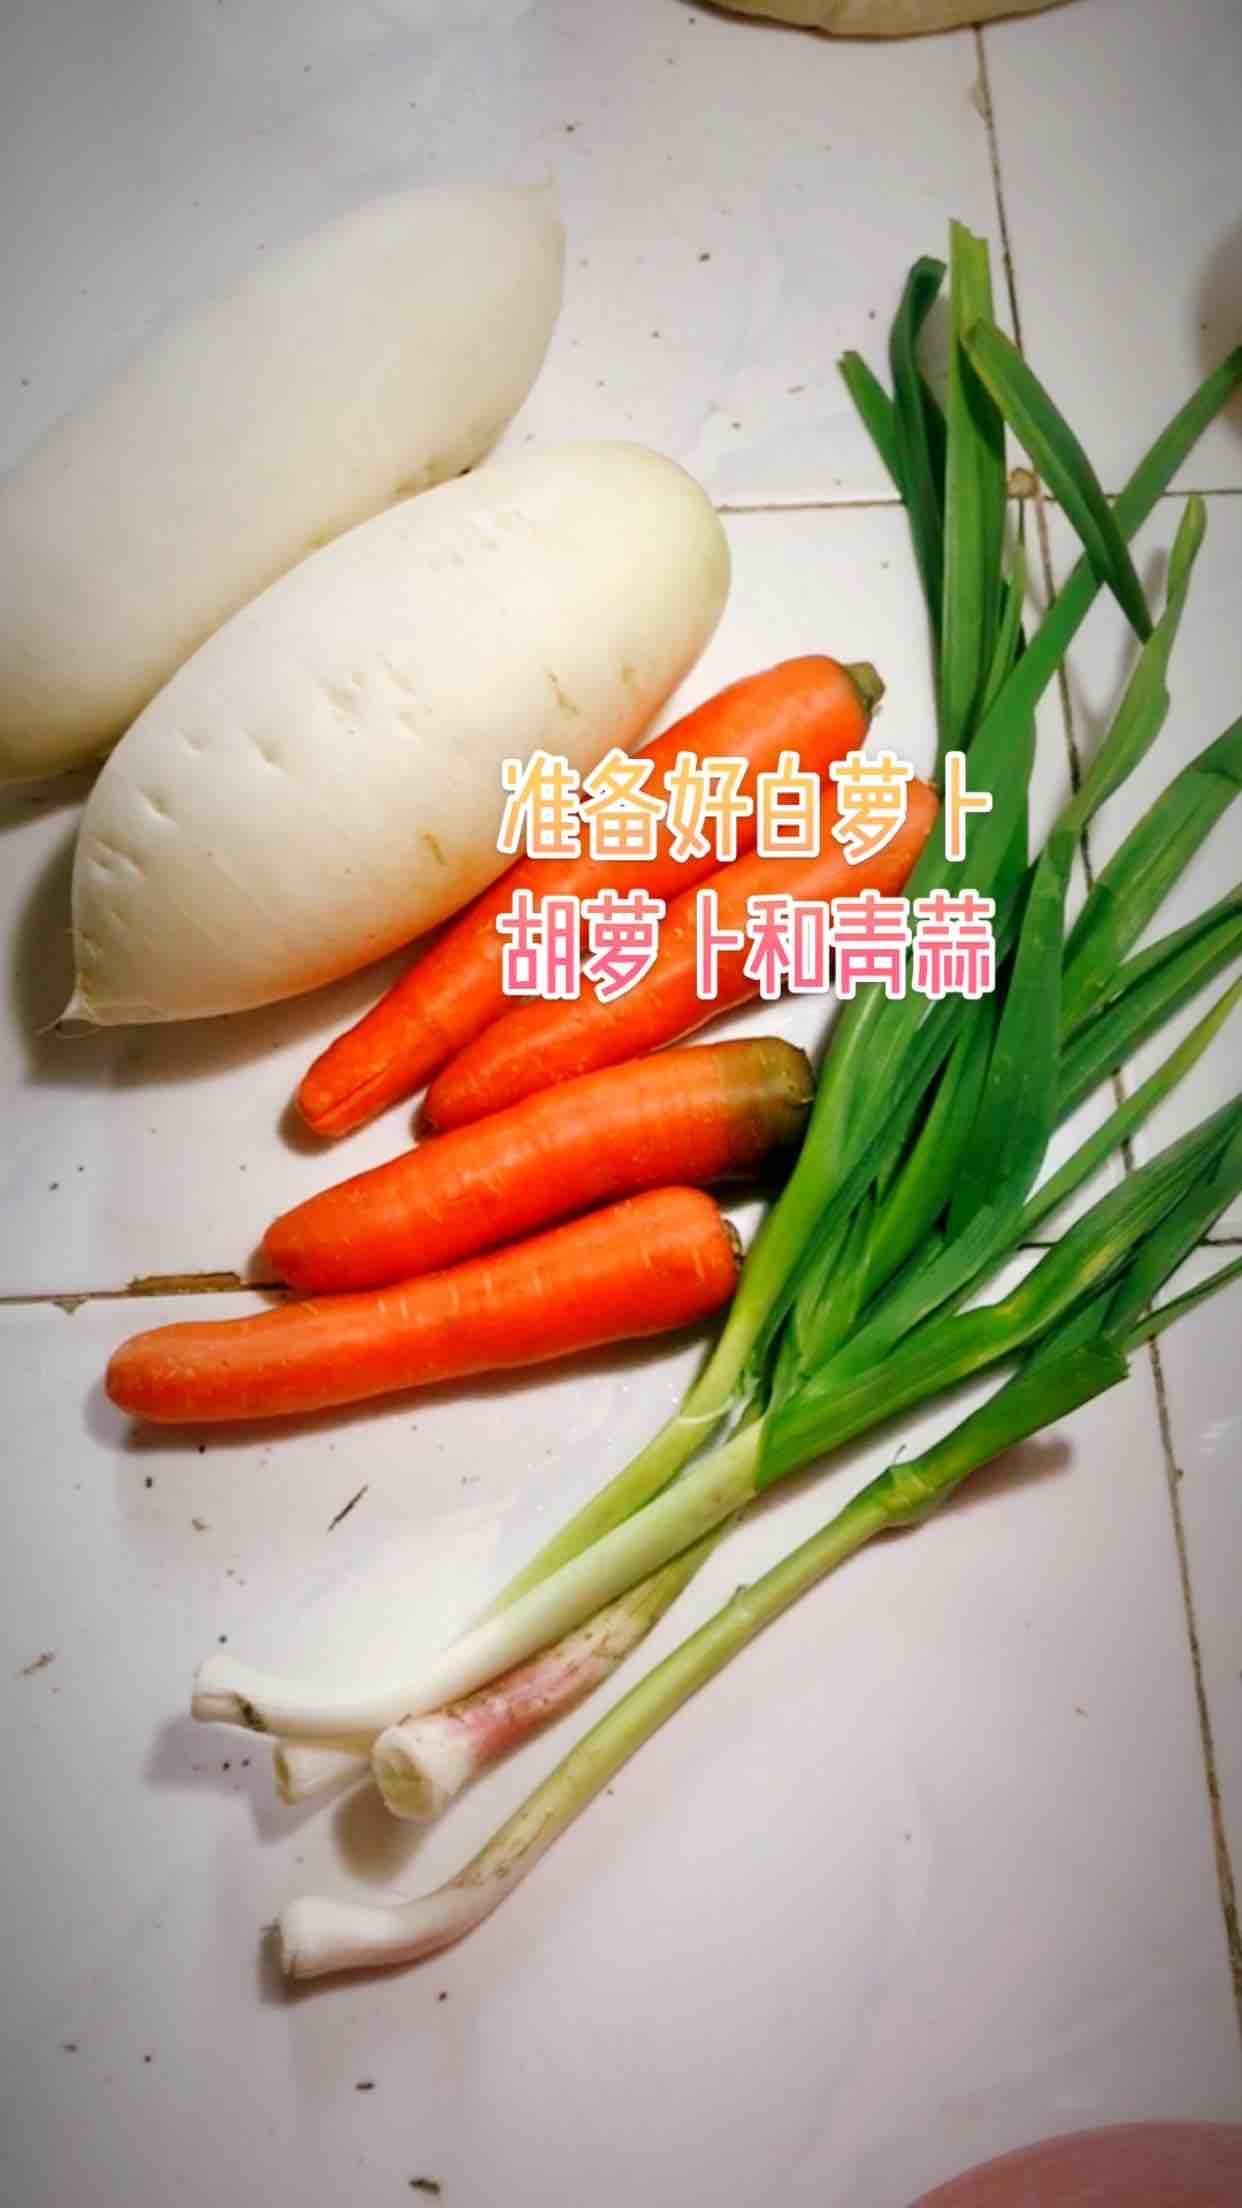 萝卜炖羊排的做法图解